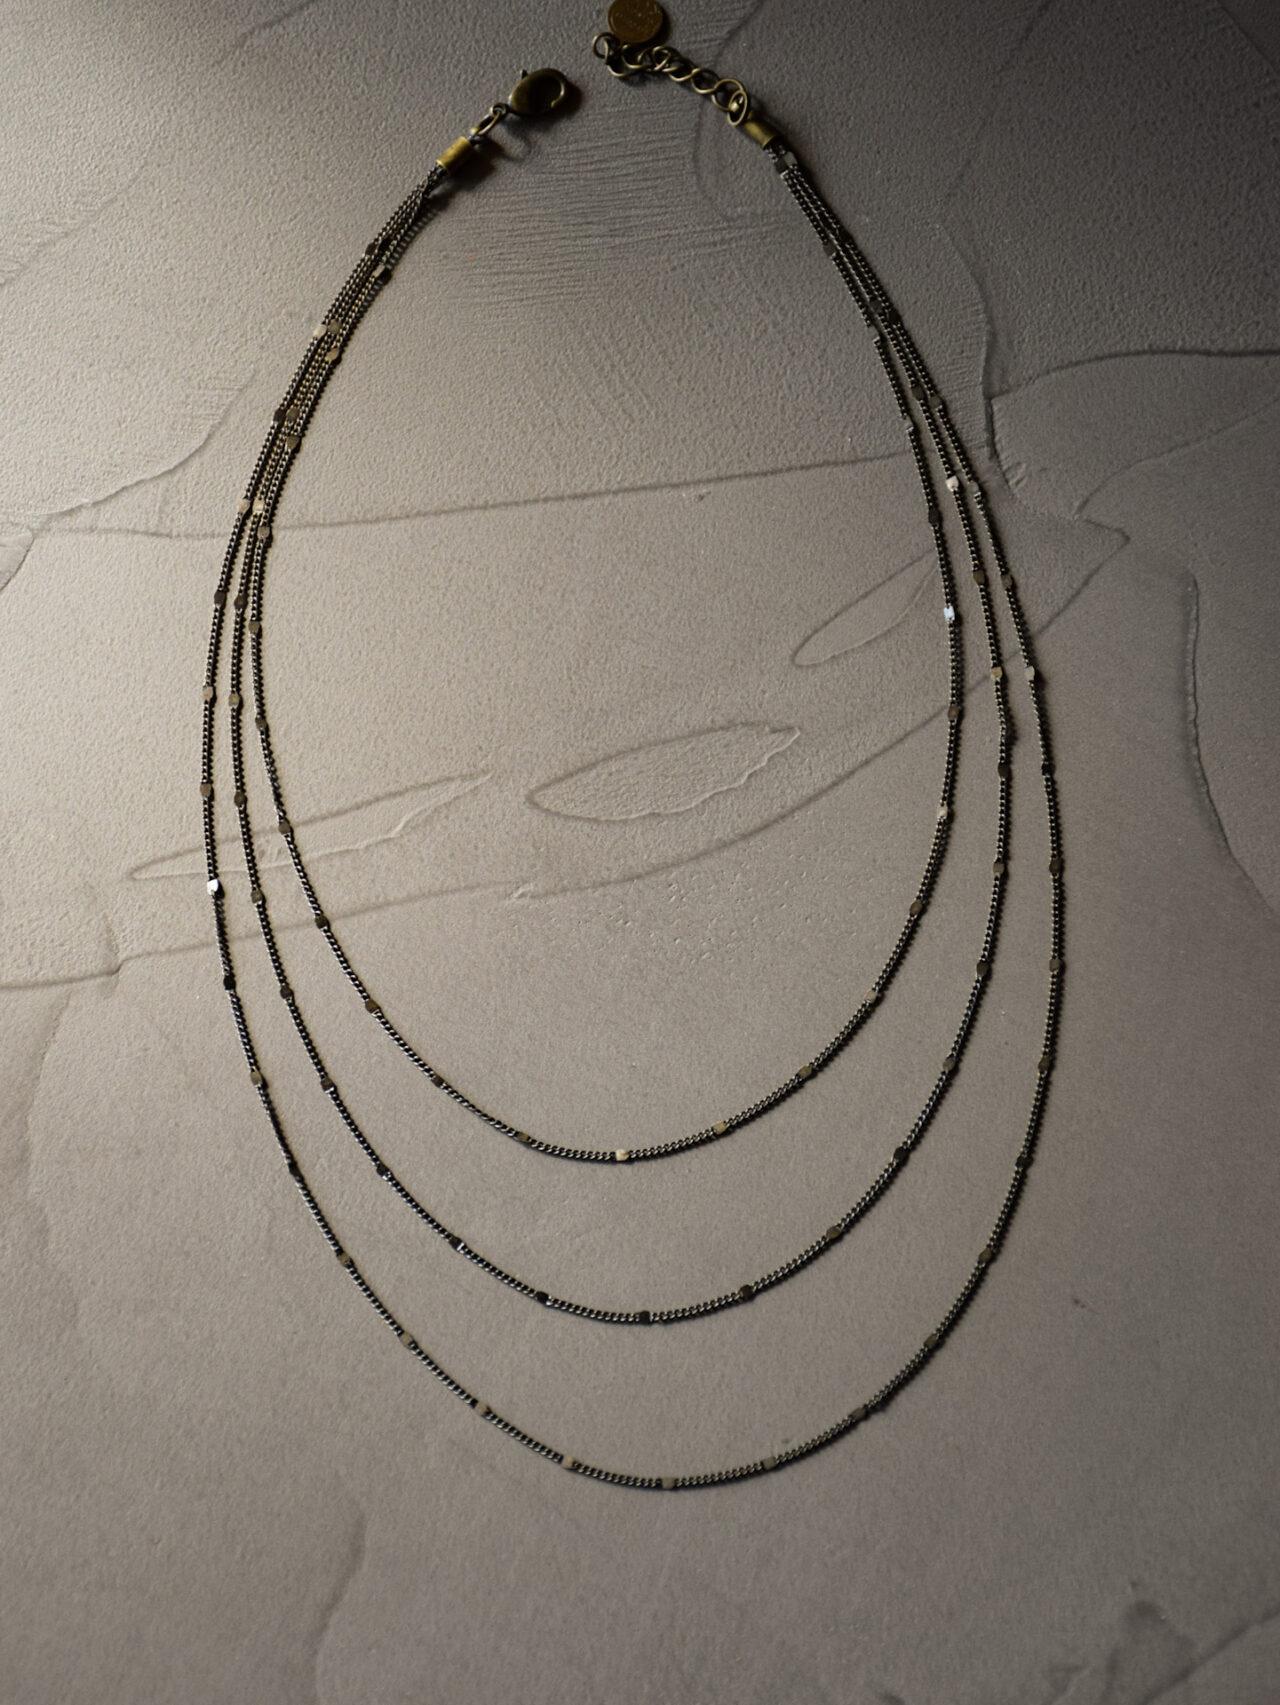 collier-absolu-creation-de-bijou-par-les-delires-de-lolotte